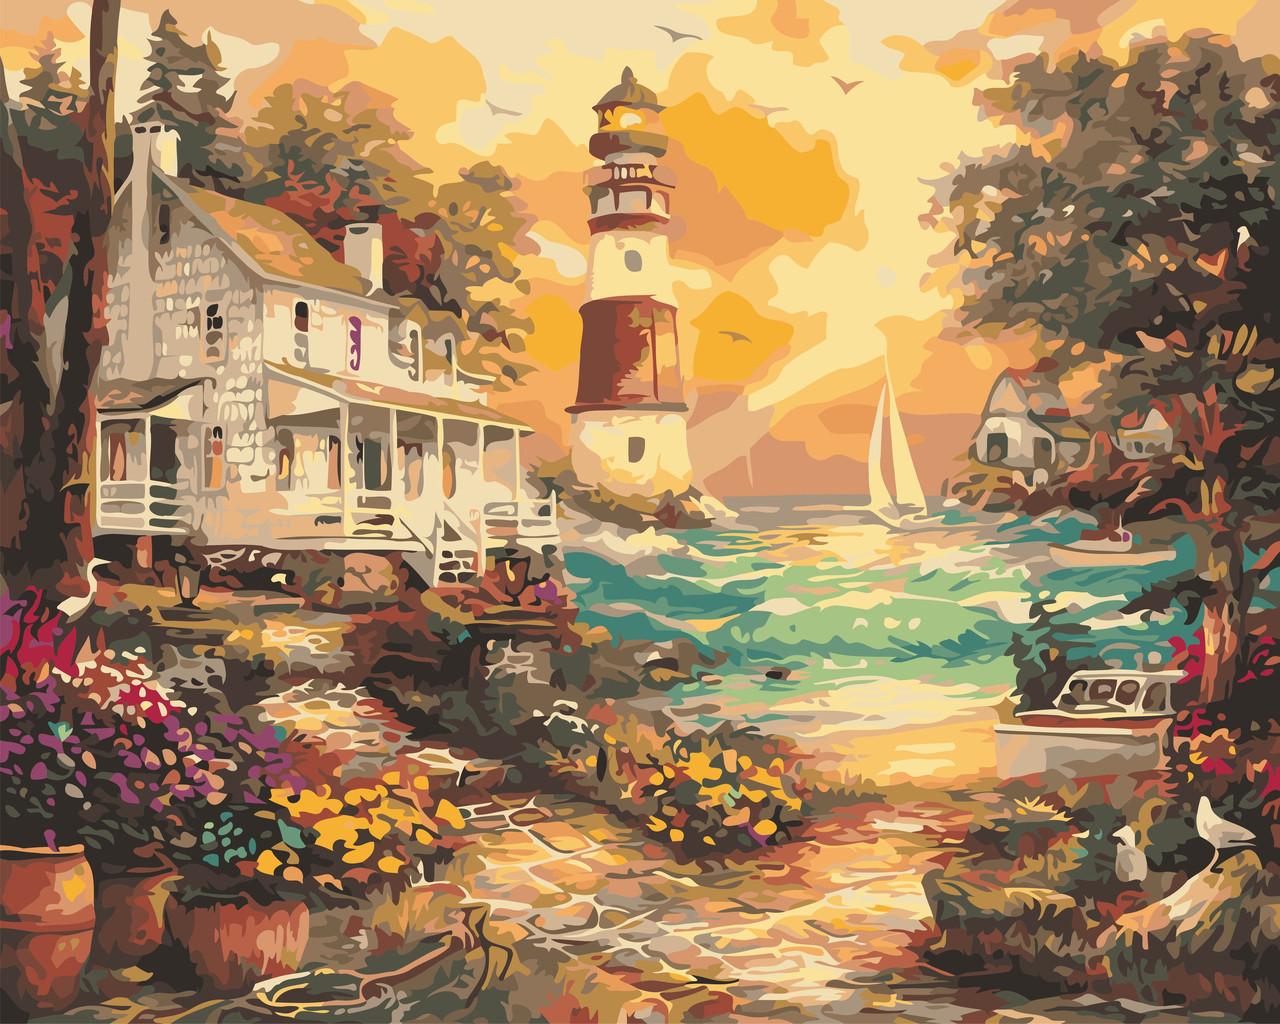 Картина по номерам Дім біля маяка, 40x50 см., Art Story